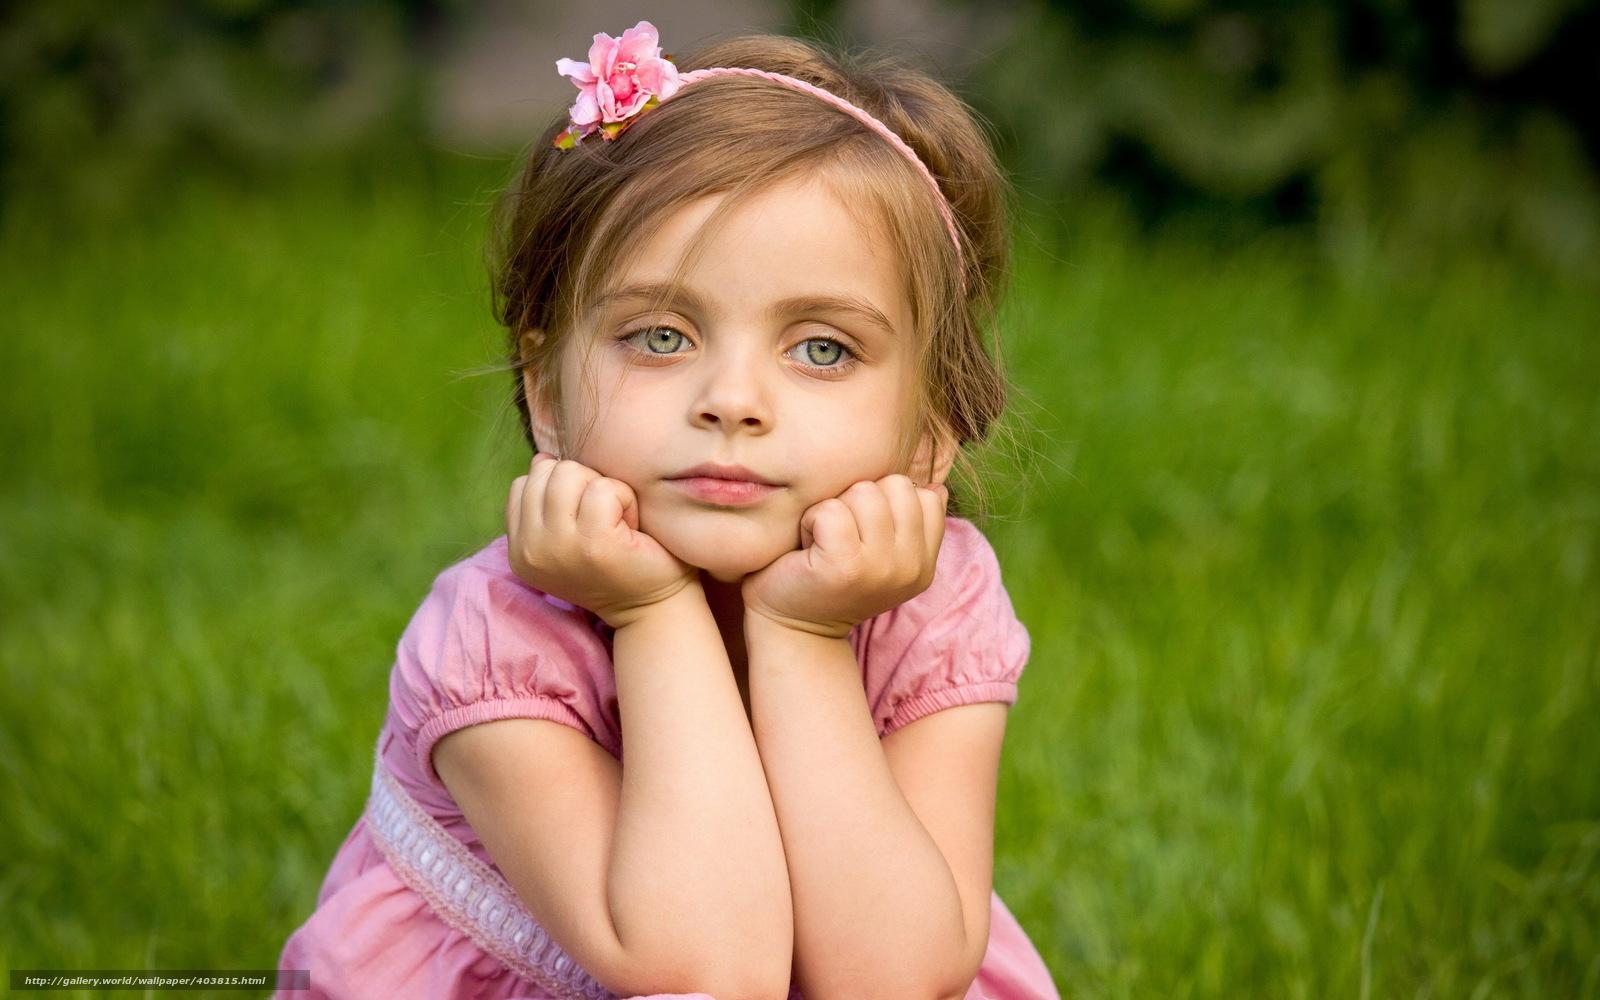 Ребенок фото высокого разрешения